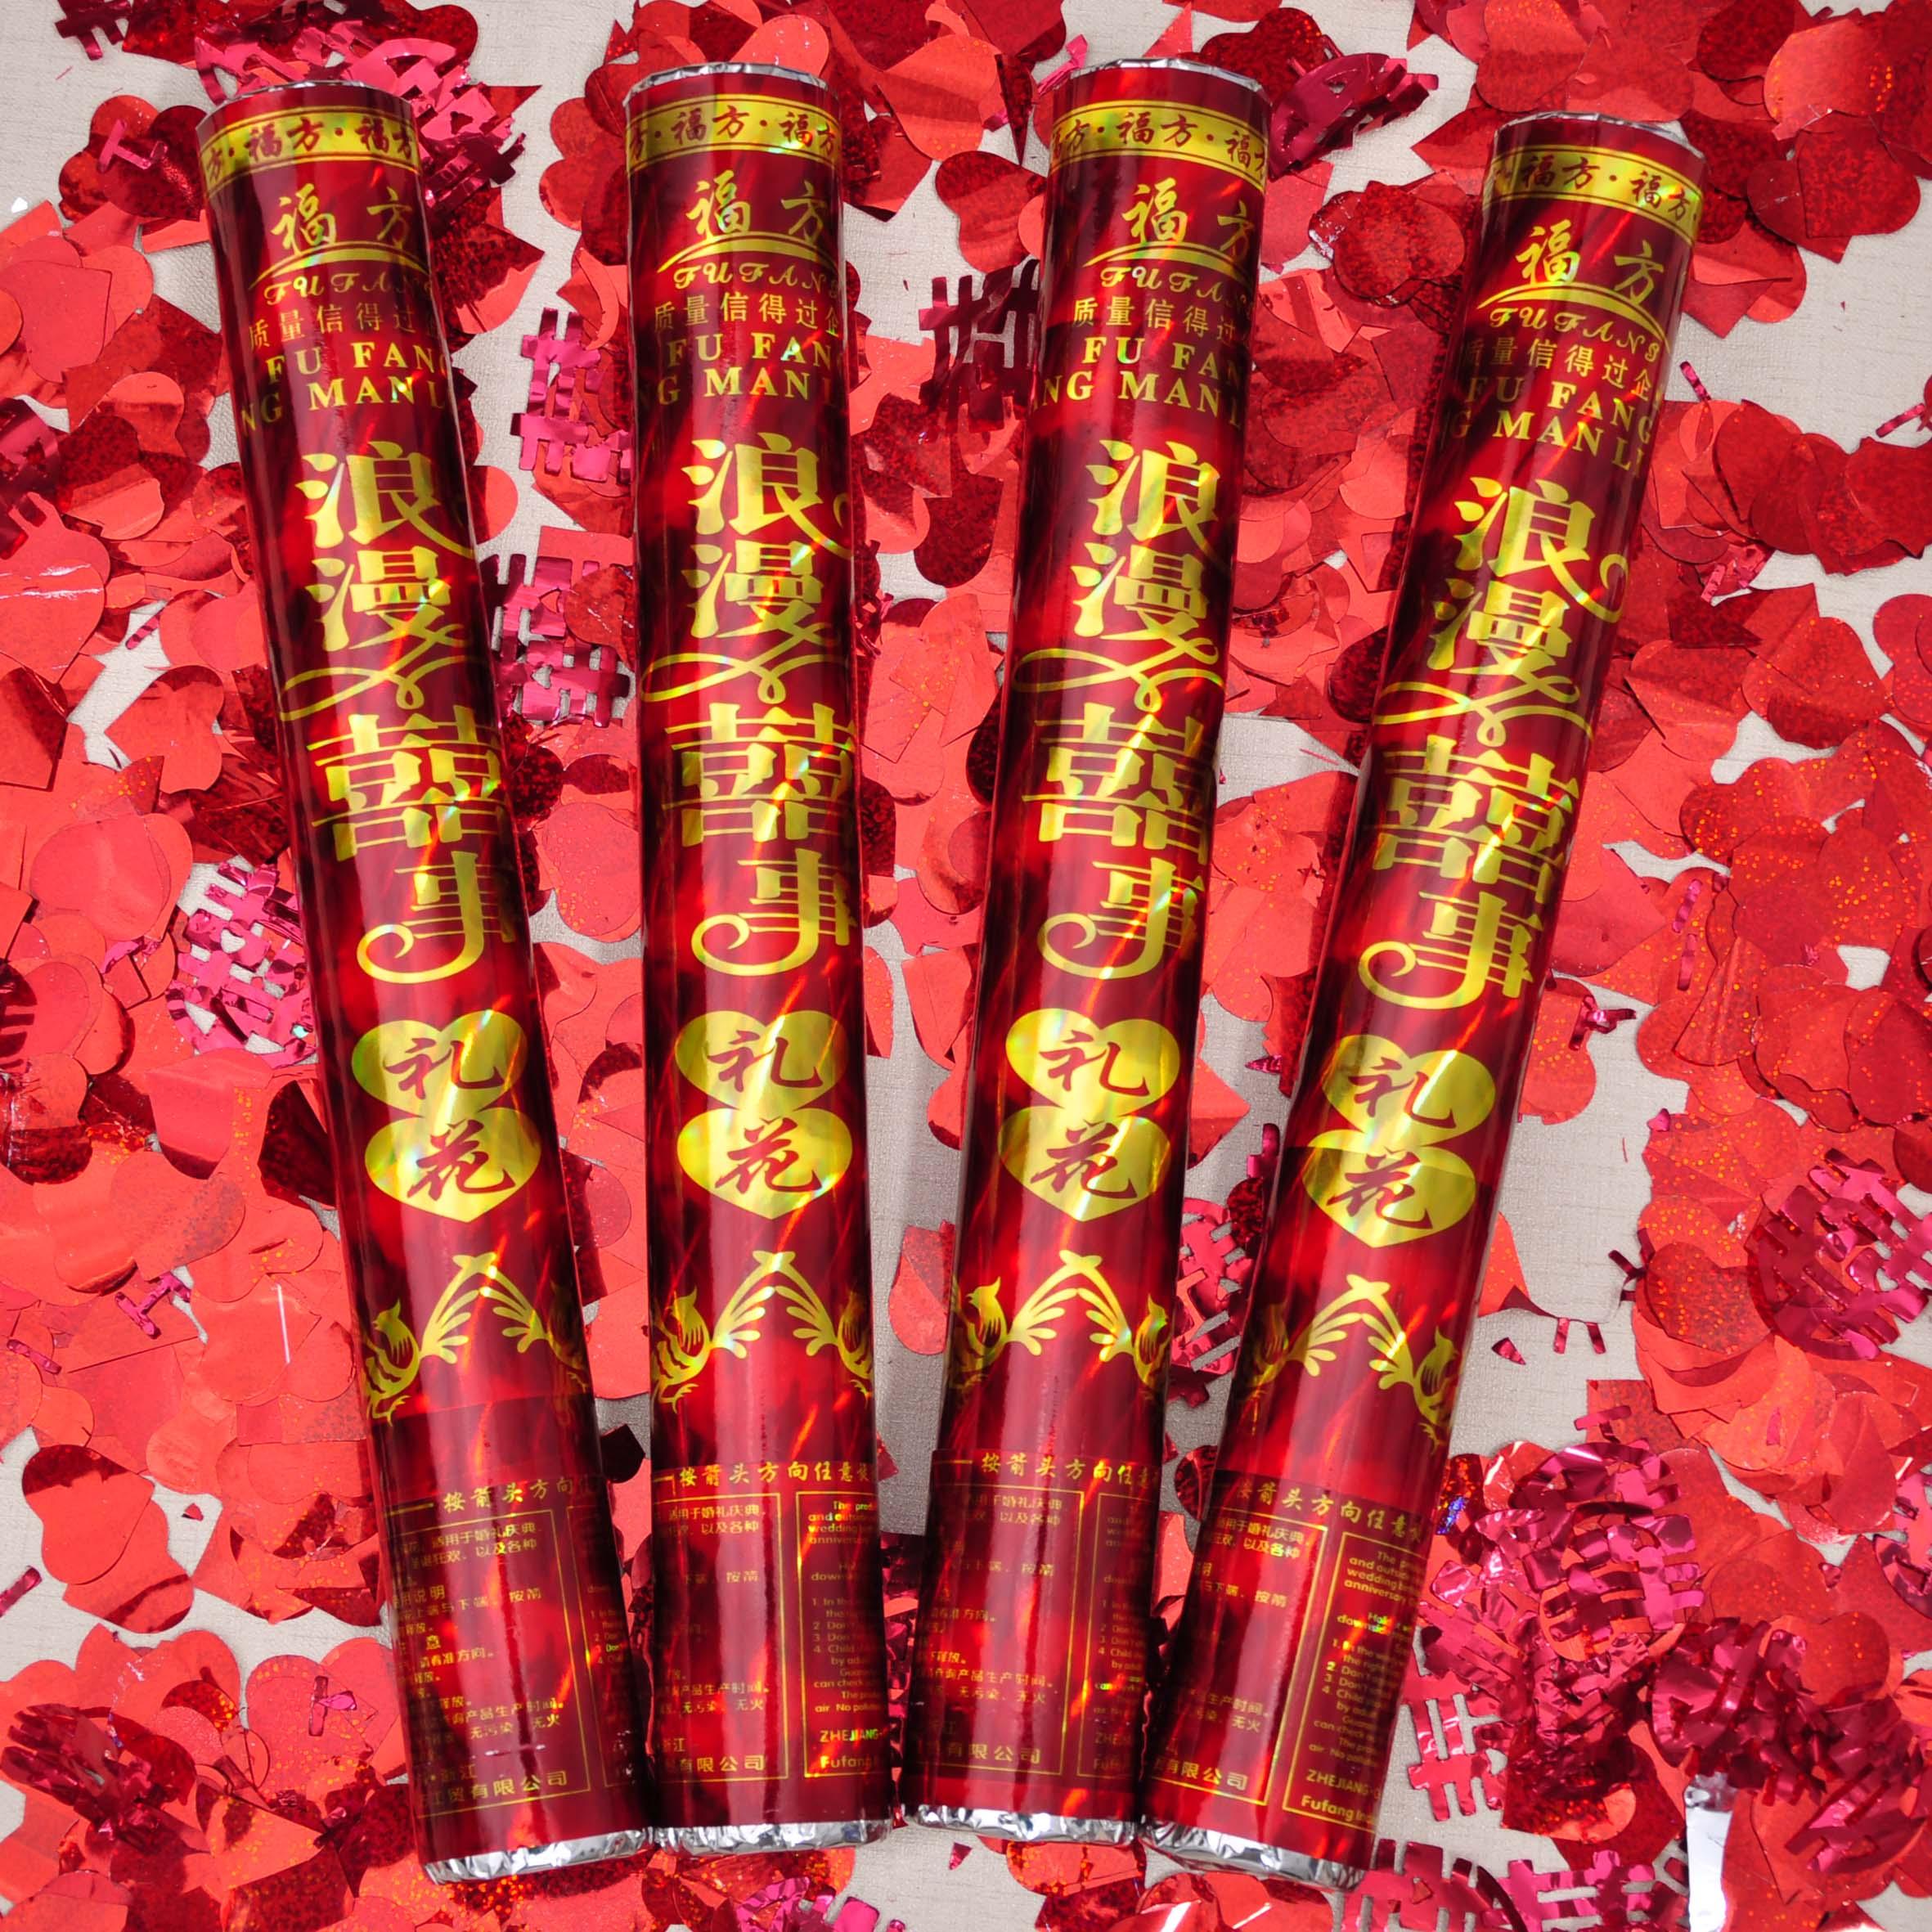 Сладкий обещание выйти замуж церемония праздновать код свадьба статьи фейерверк трубка портативный церемония гость цветы и подарки пистолет спрей блестки лепесток фейерверк